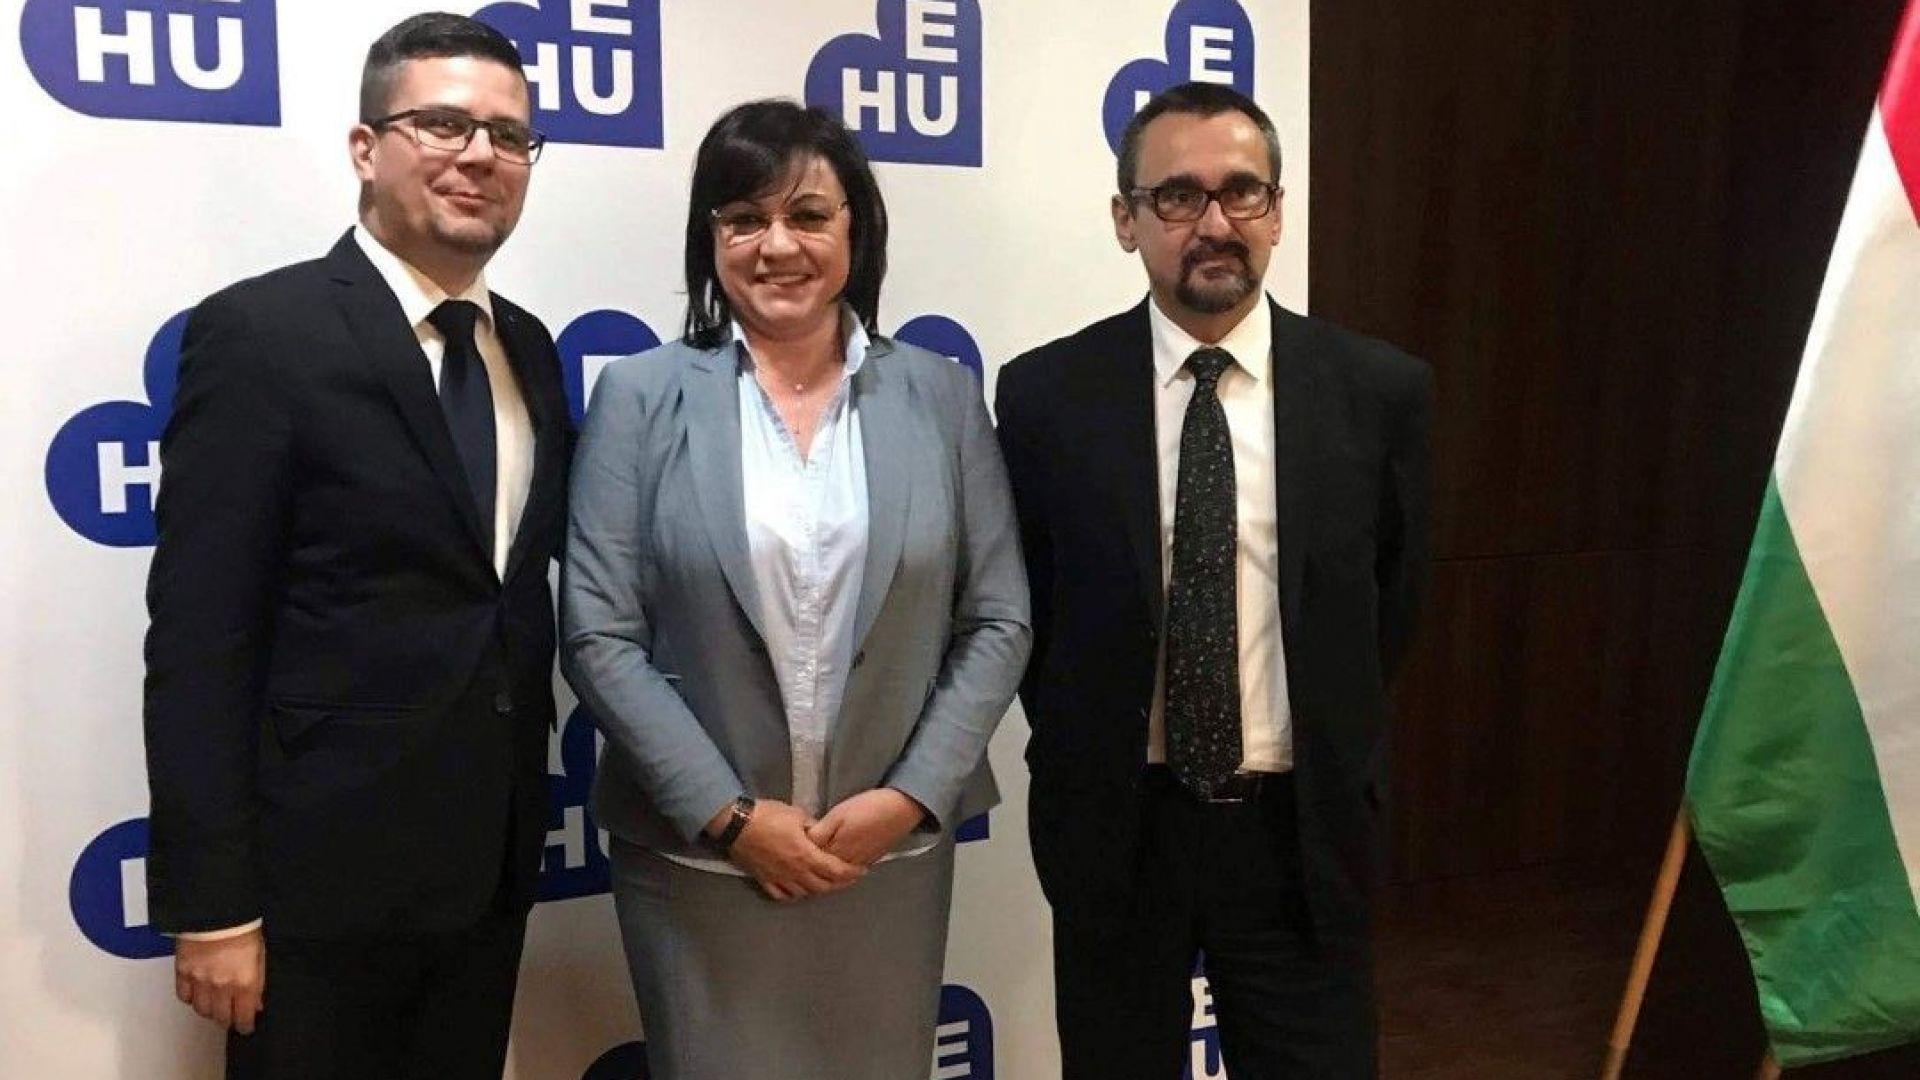 Нинова: При спечелване на изборите, ще направим всичко - държавата ни да купи ЧЕЗ-България